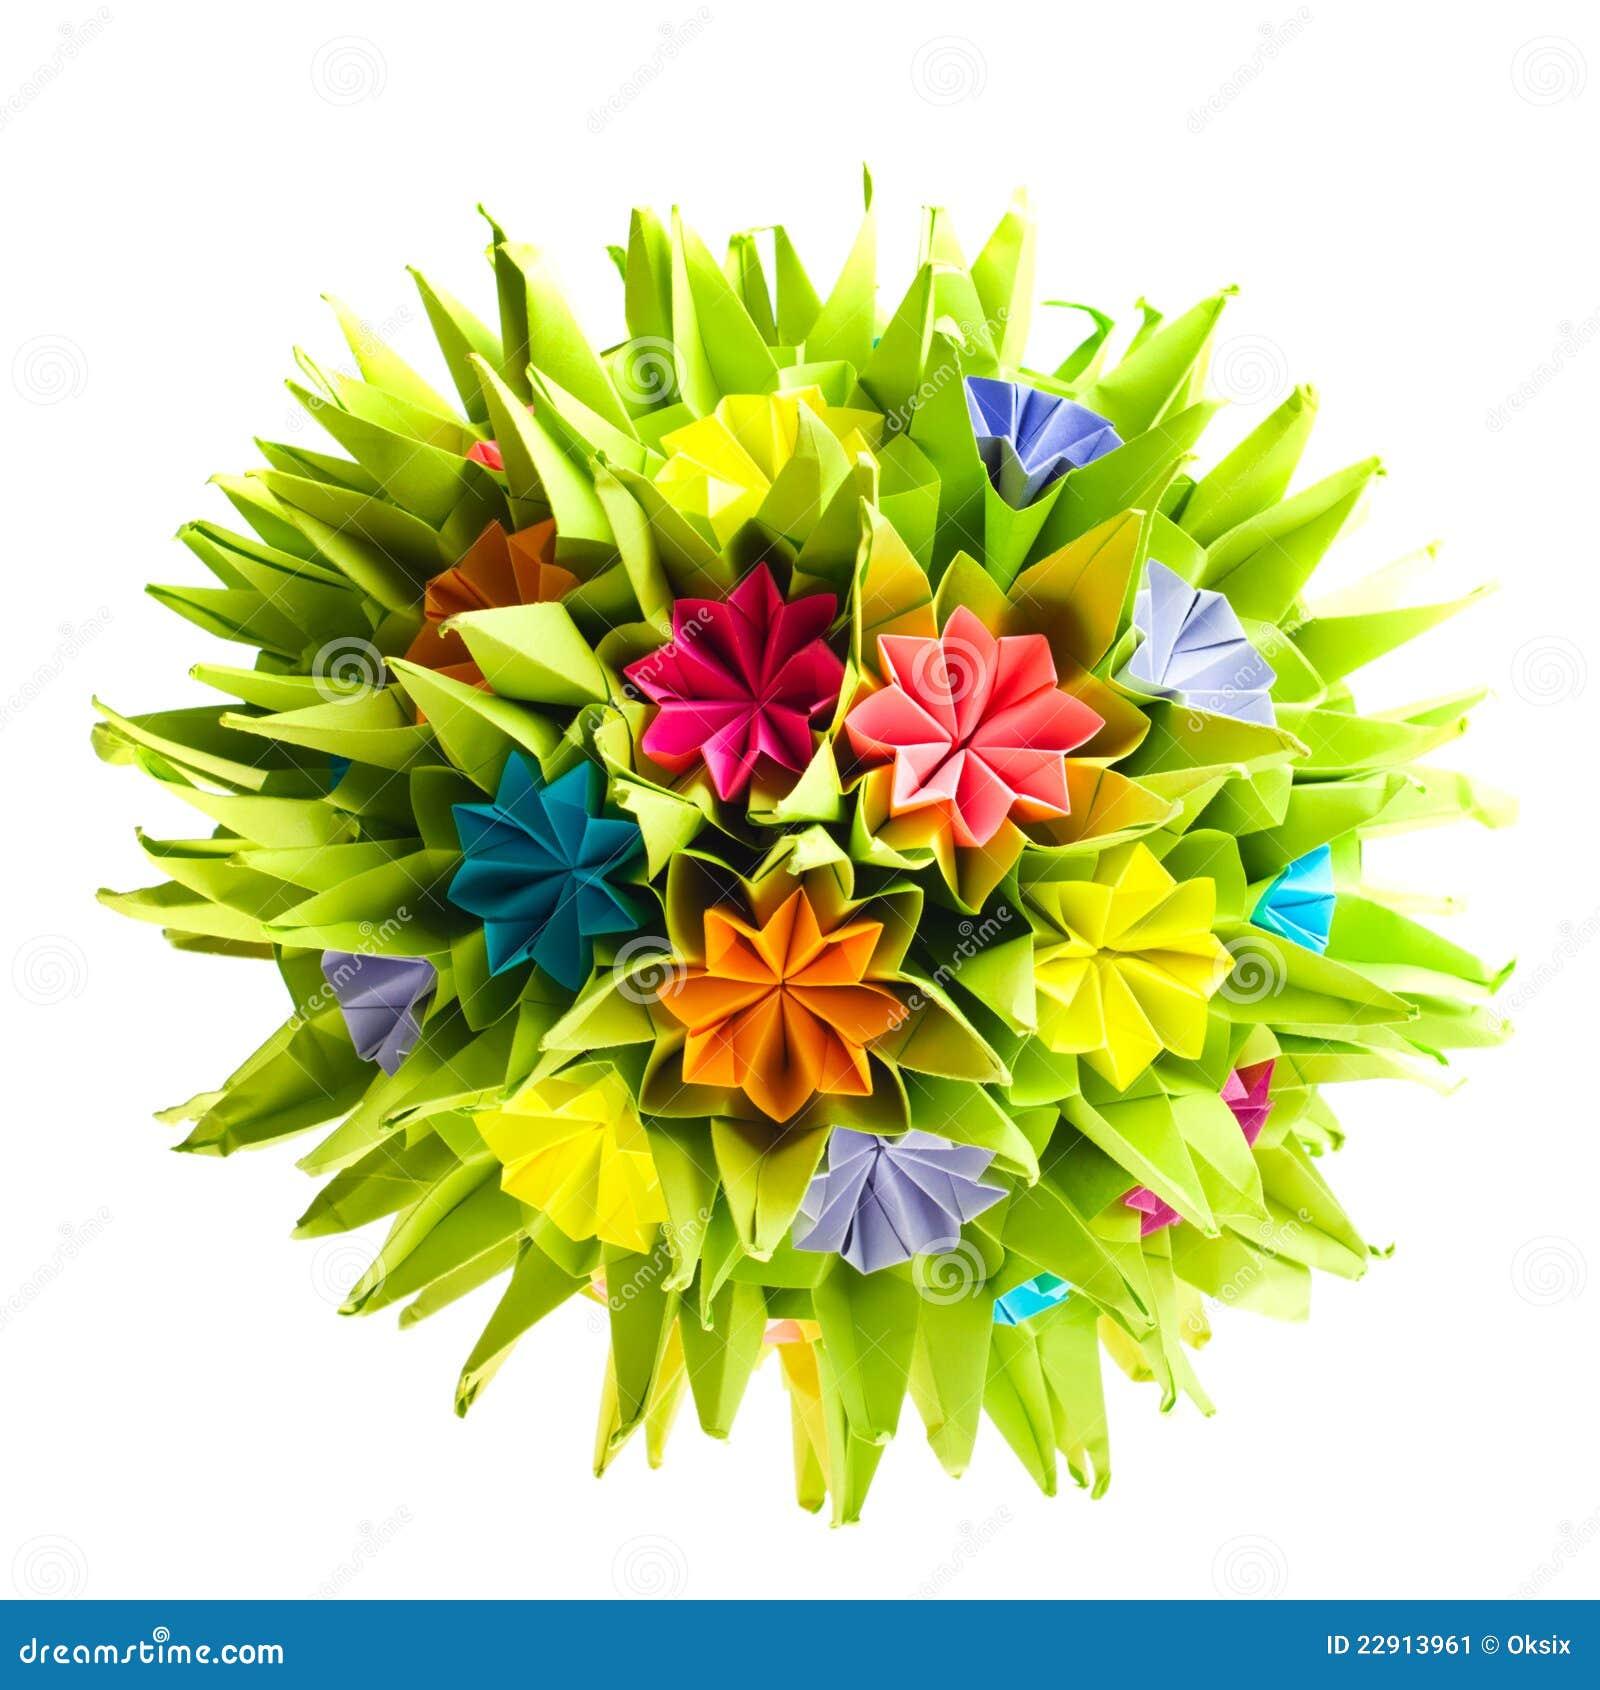 Origami kusudama flower stock image image of object 22913961 download origami kusudama flower stock image image of object 22913961 mightylinksfo